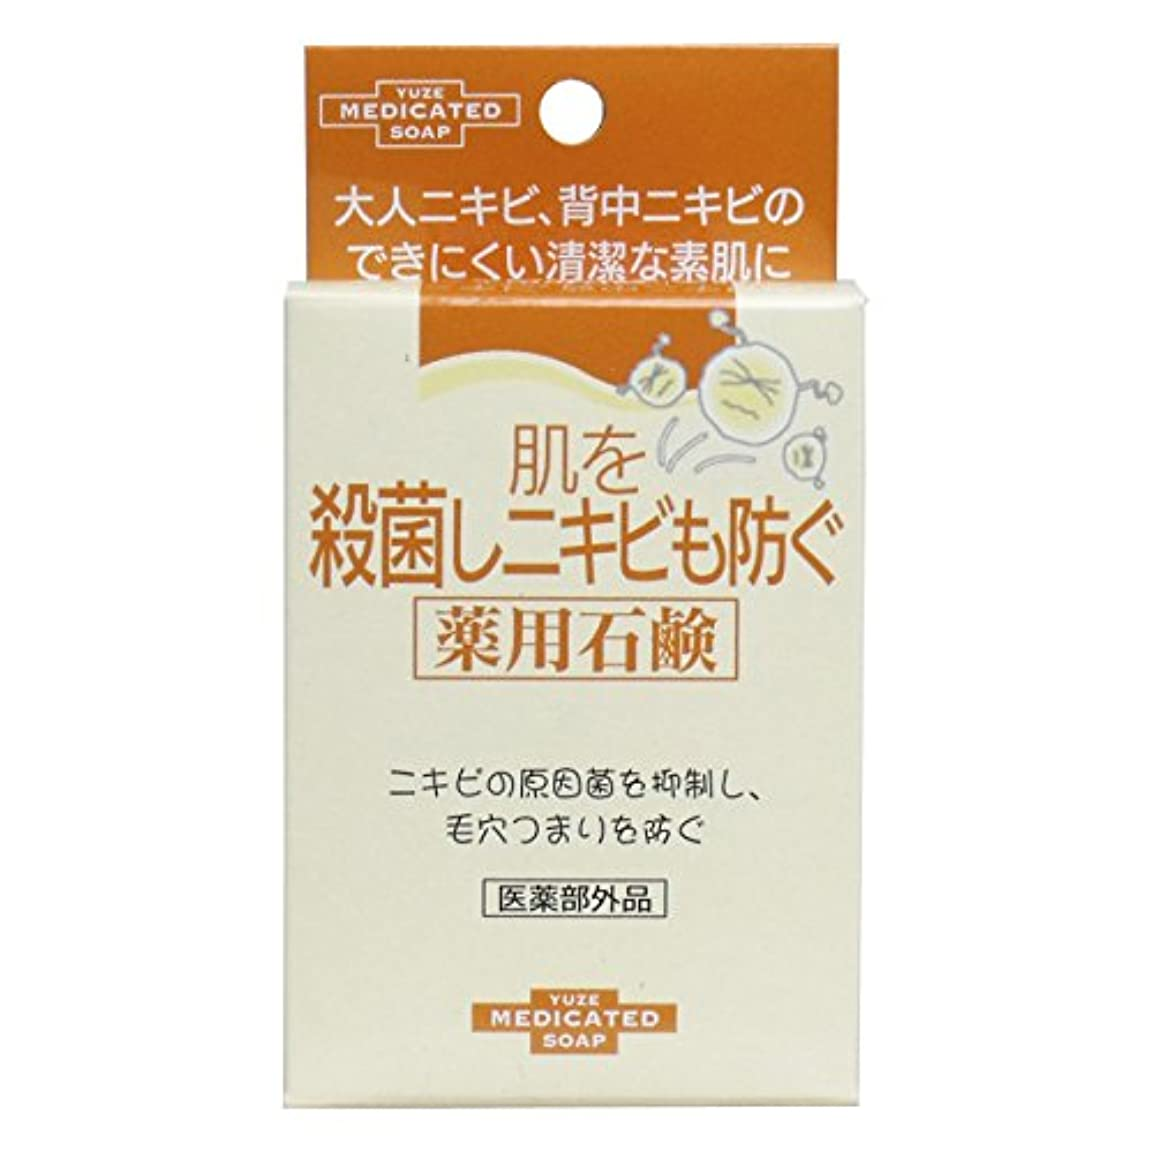 戻る教育無駄ユゼ 肌を殺菌しニキビも防ぐ薬用石鹸 (110g)